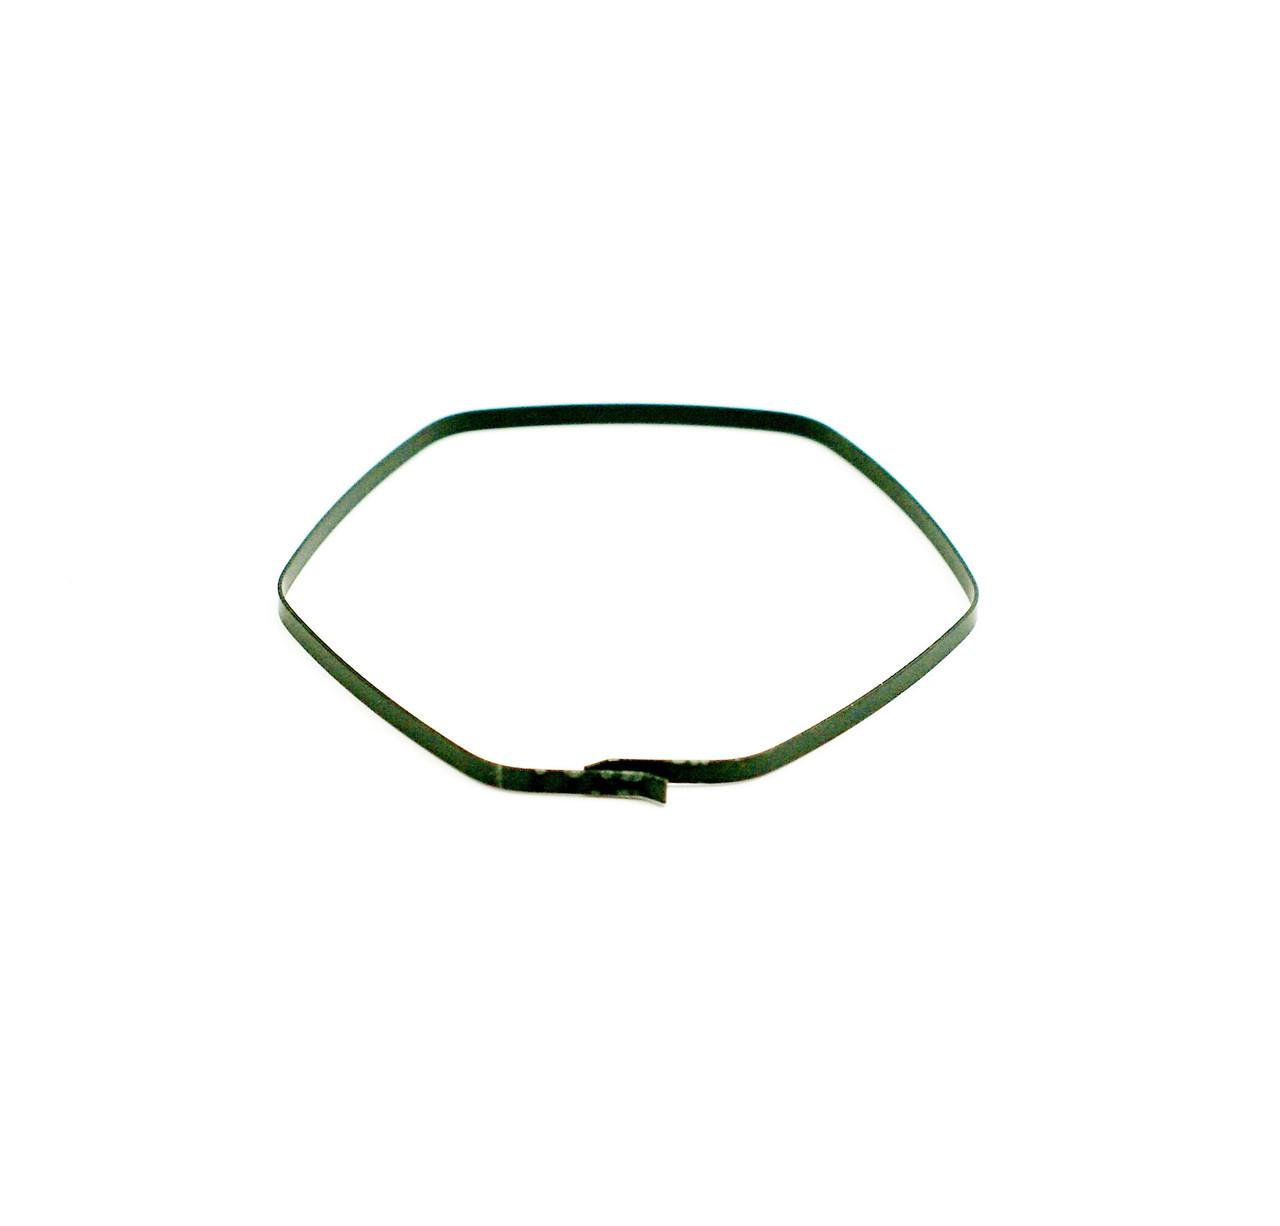 Кольцо уплотнительное выпускного коллектора Cummins N Series 4020069 176297